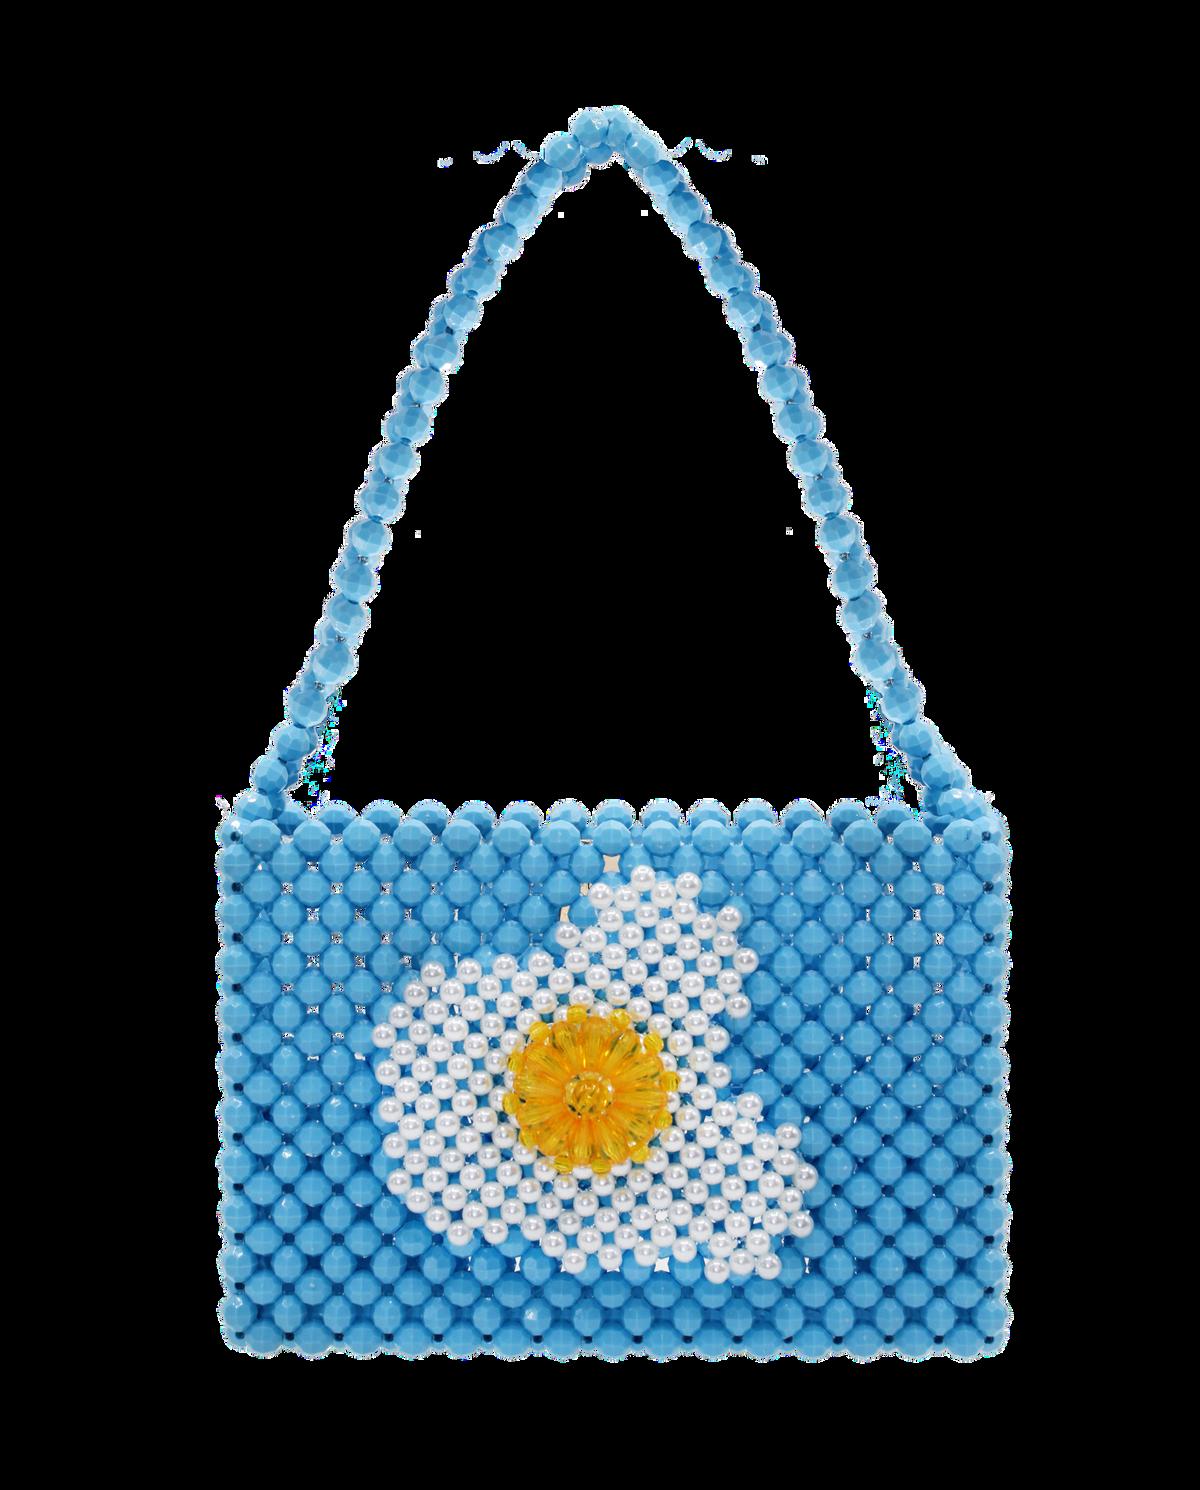 susan alexandra x handsome brook farm eggs bag